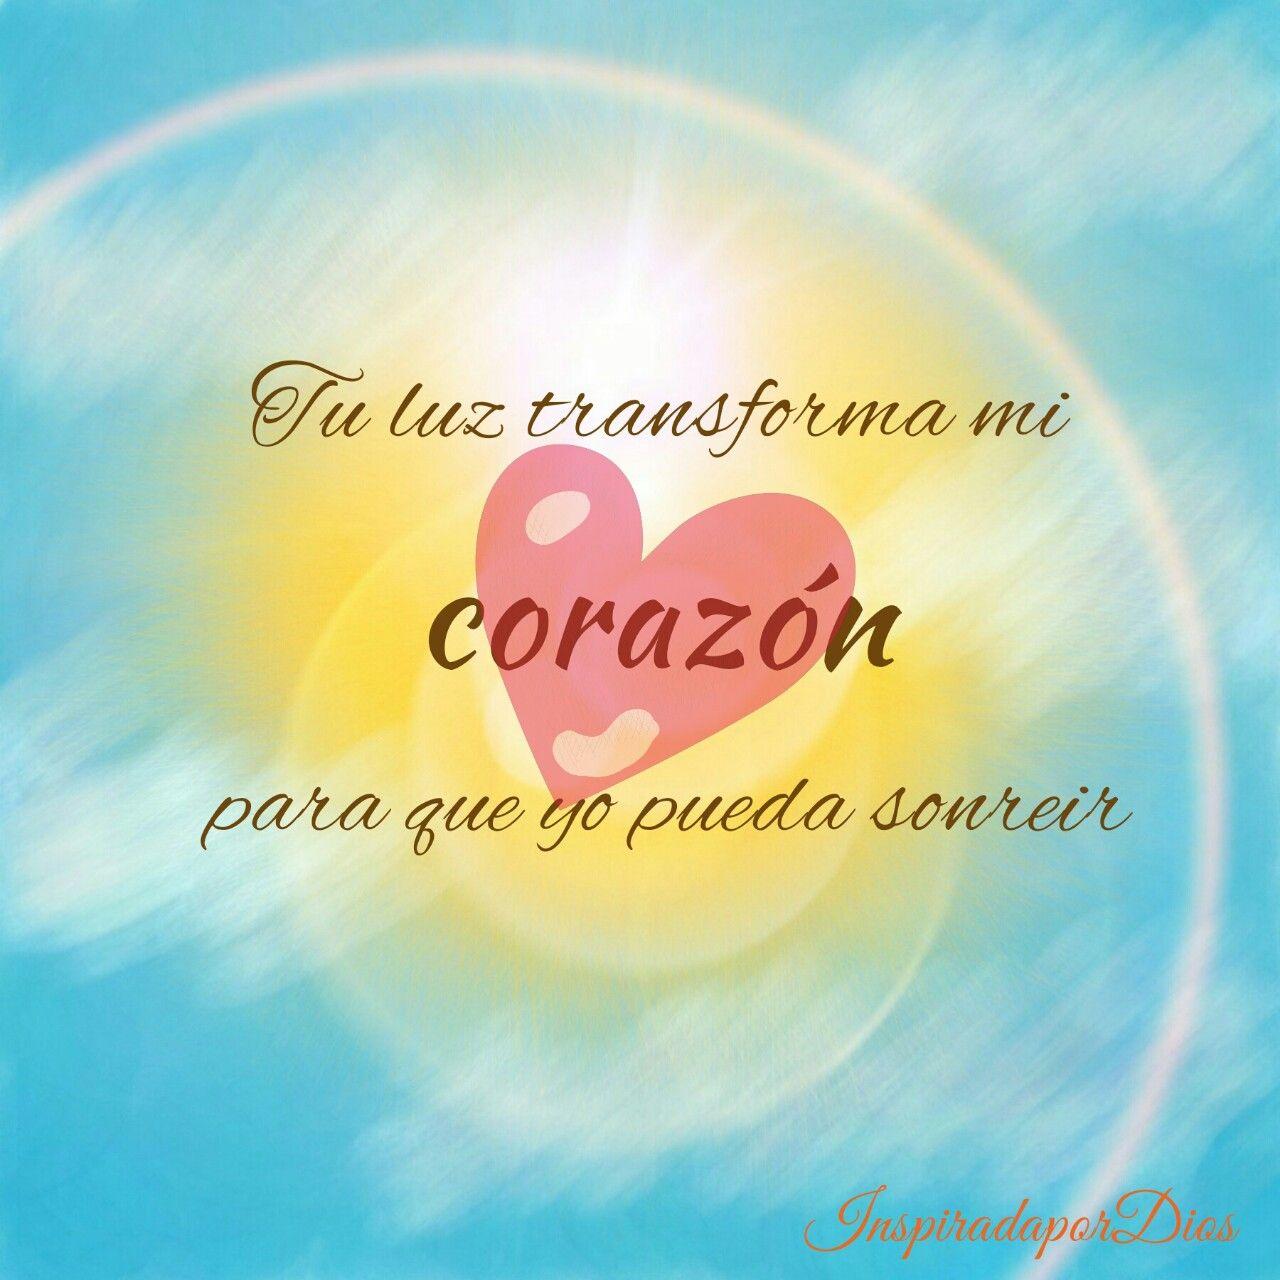 Tu luz transforma mi corazon para que yo pueda sonreir Mi amado Dios